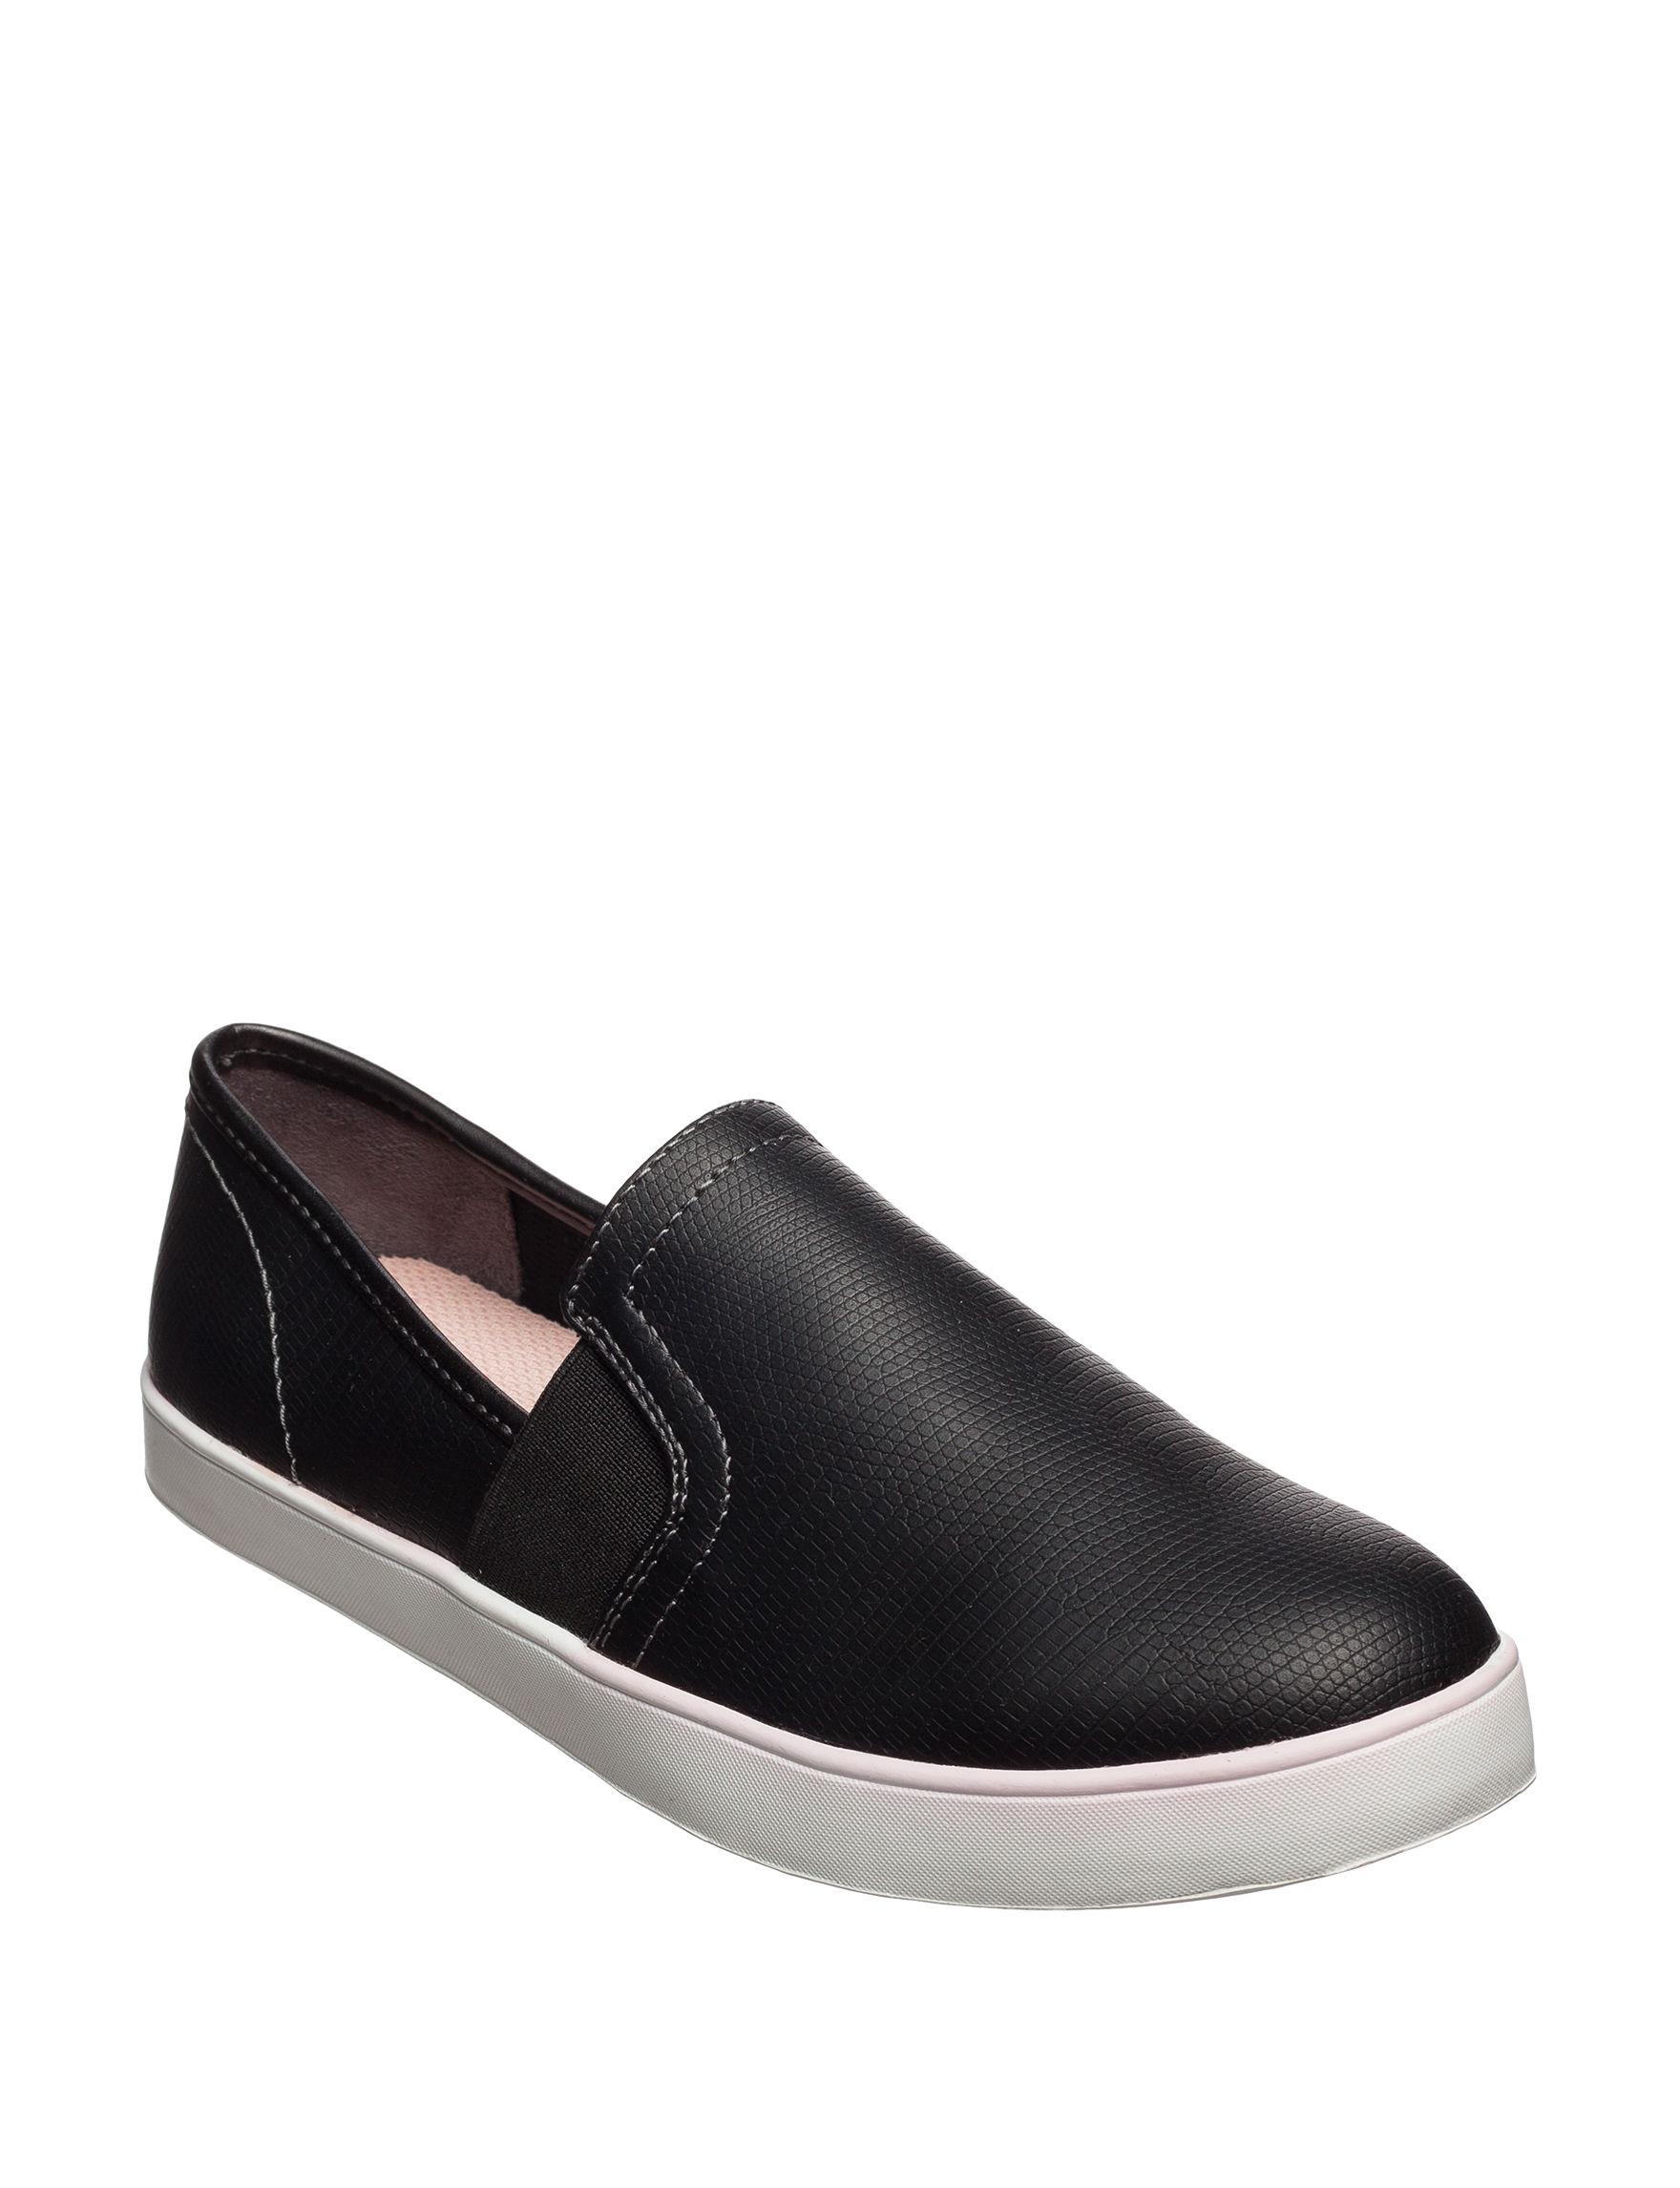 Dr. Scholl's Black Comfort Shoes